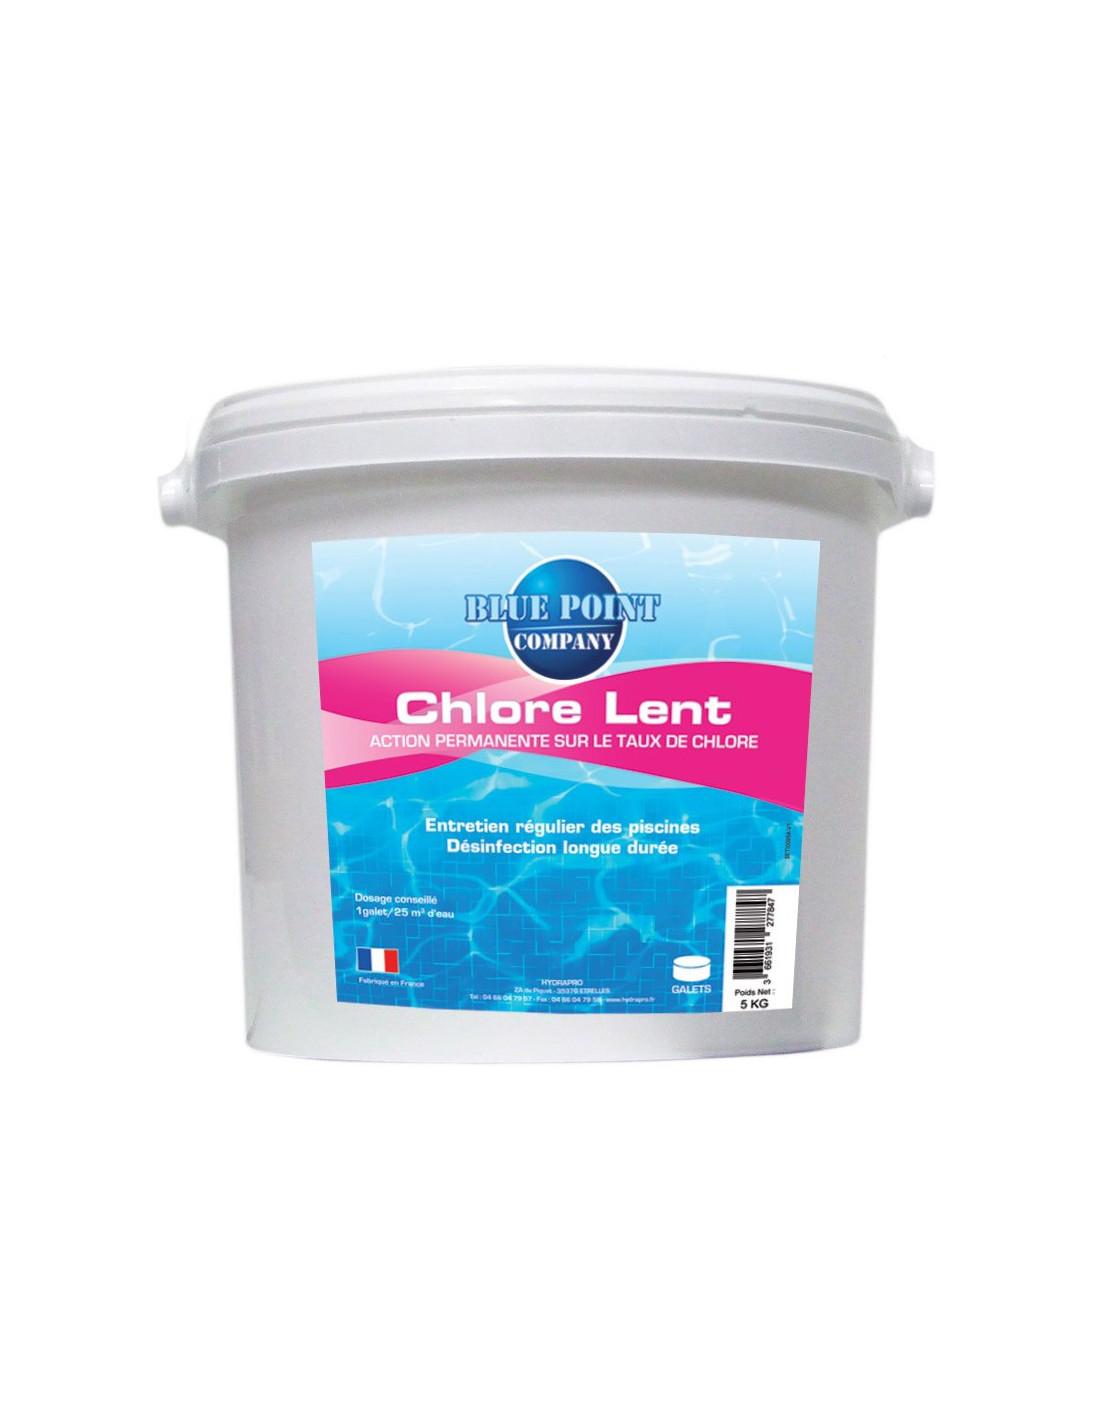 hydrapro chlore lent galets 1kg hyper brico. Black Bedroom Furniture Sets. Home Design Ideas